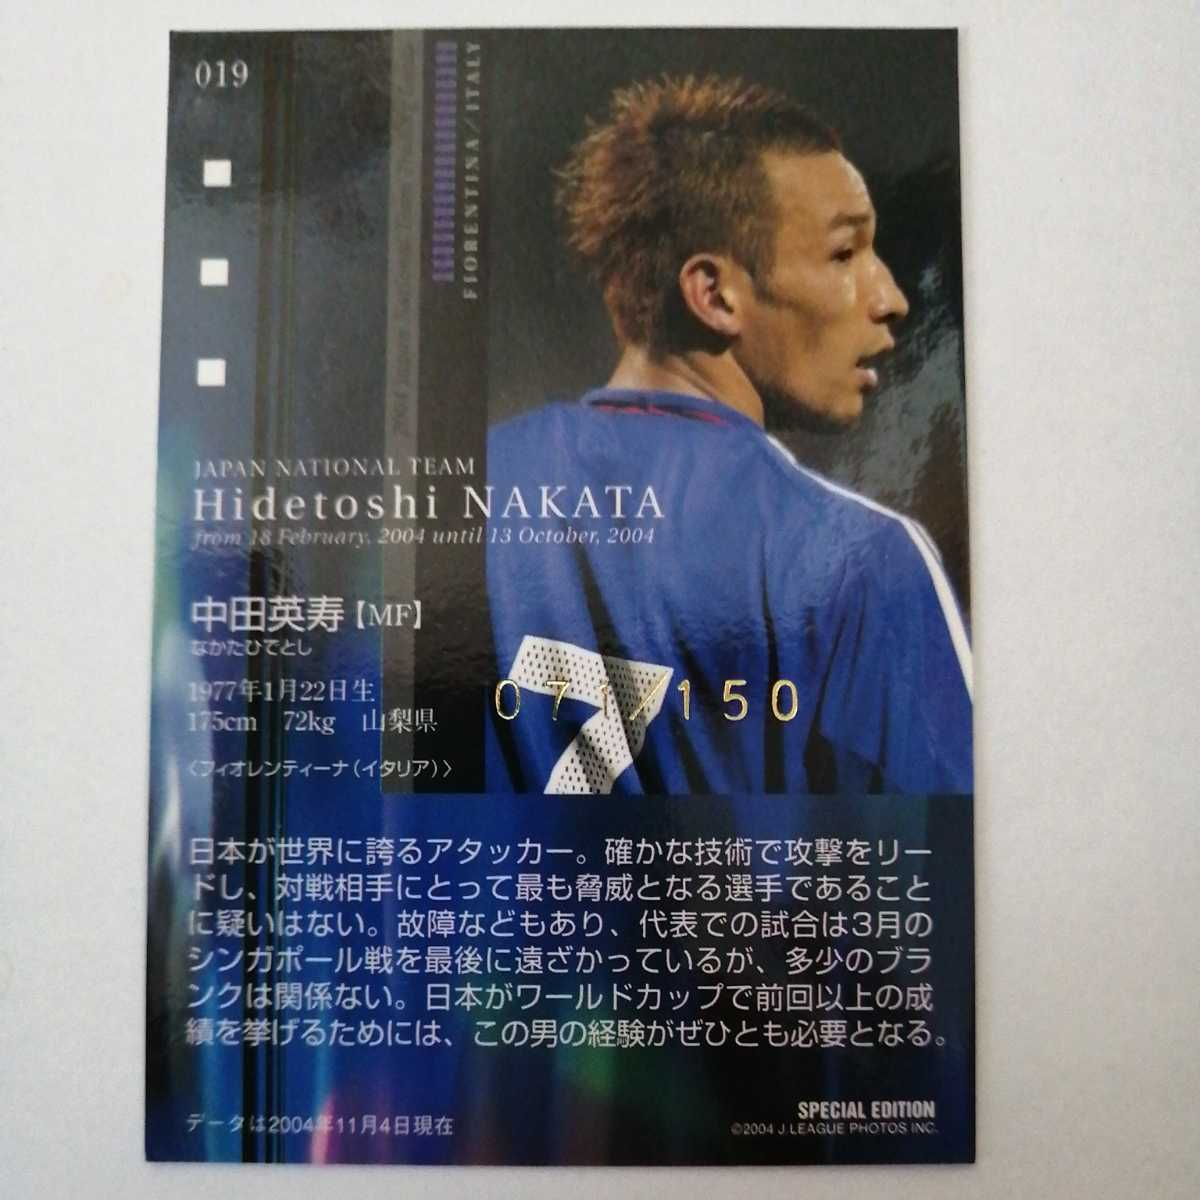 2004 日本代表オフィシャルカード スペシャル・エディション ブルー150枚シリアルパラレル 中田英寿_画像2